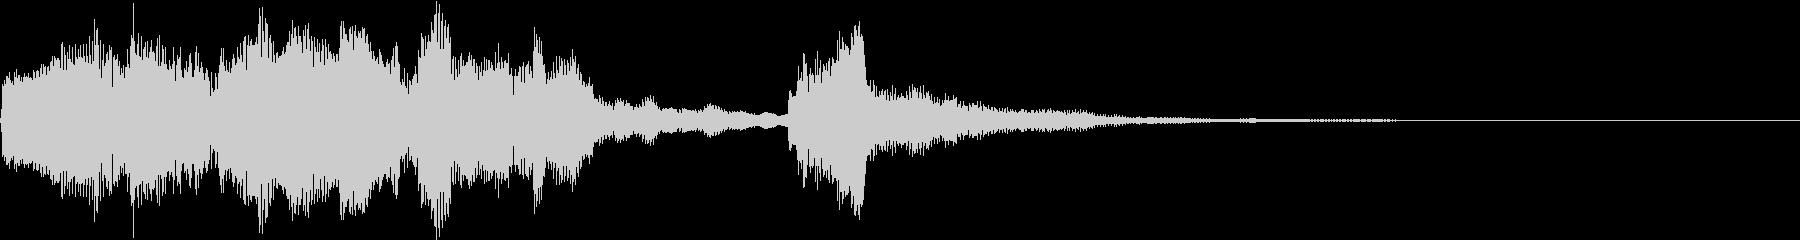 わくわくドキドキ・ホルン/ハープジングルの未再生の波形